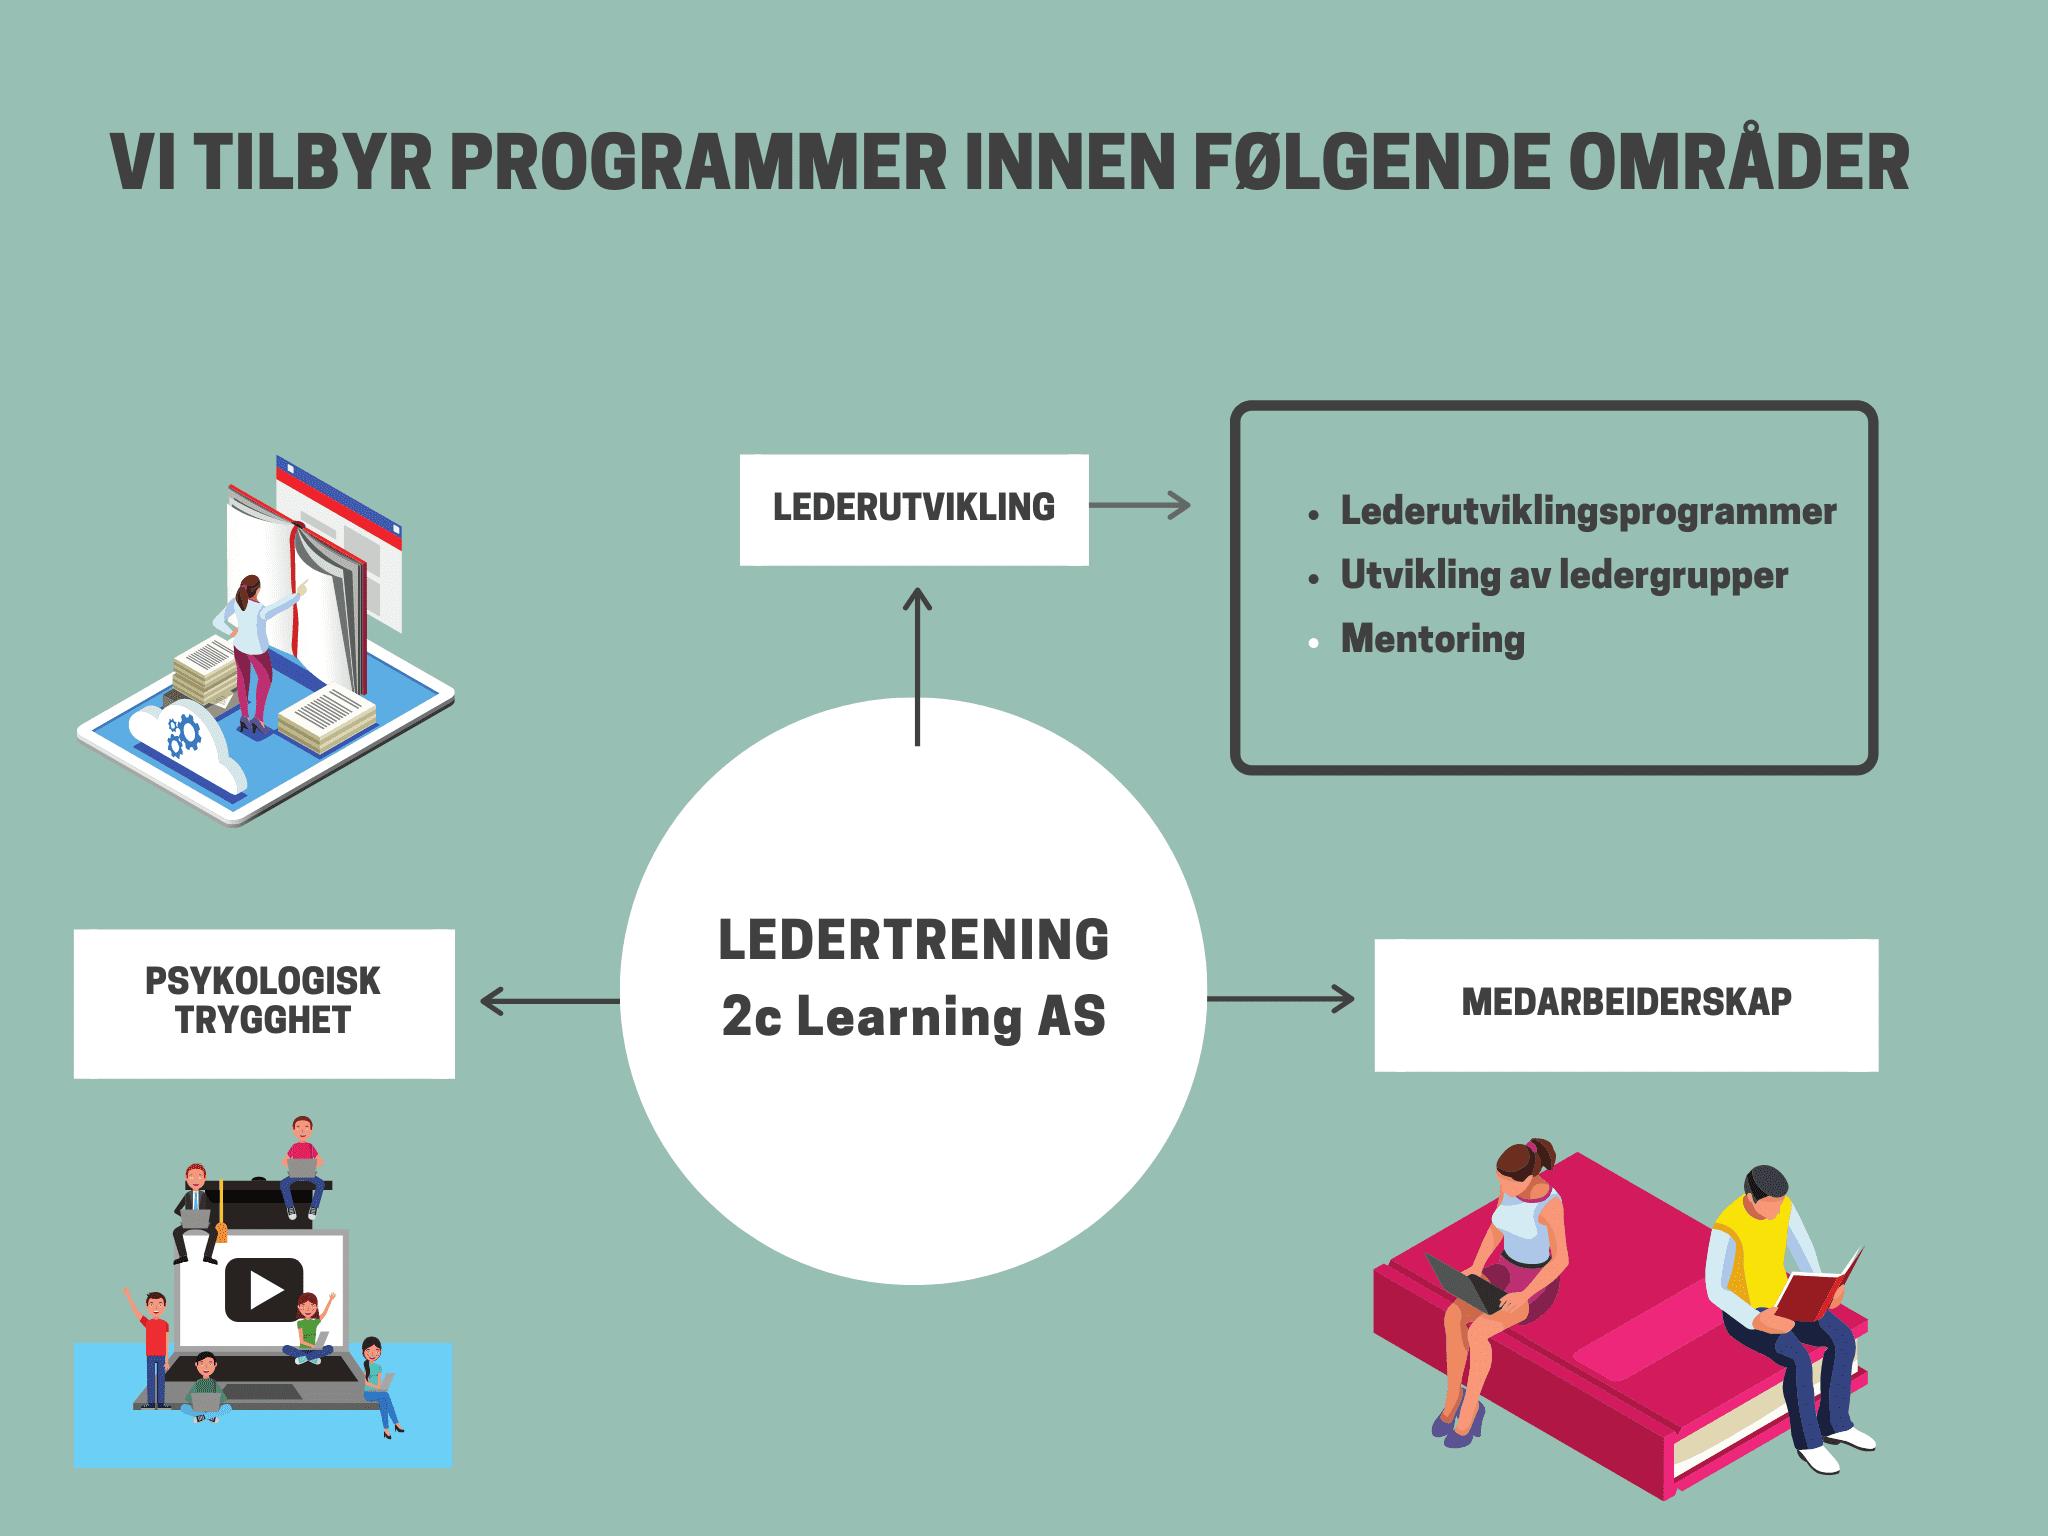 Lederkurs_2c-Learning_tjenester_kurstilbud_ledertrening_lederkurs_lederutvikling